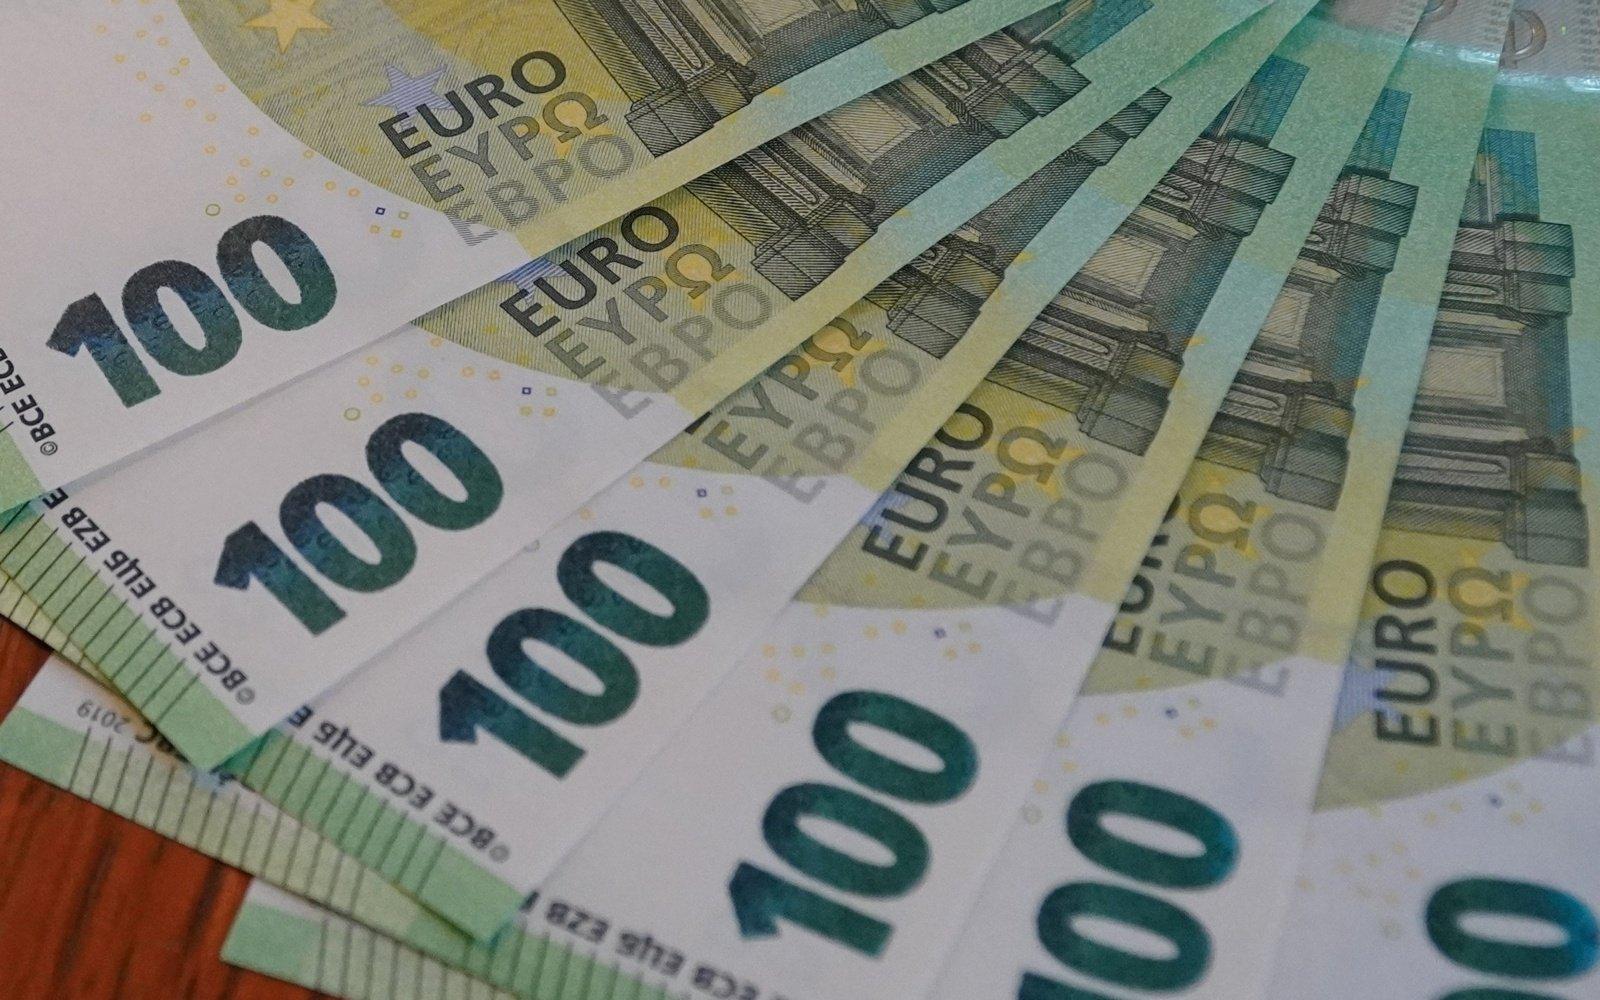 Medikų atlyginimų priedams už sausį skirta 12,7 milijonų eurų